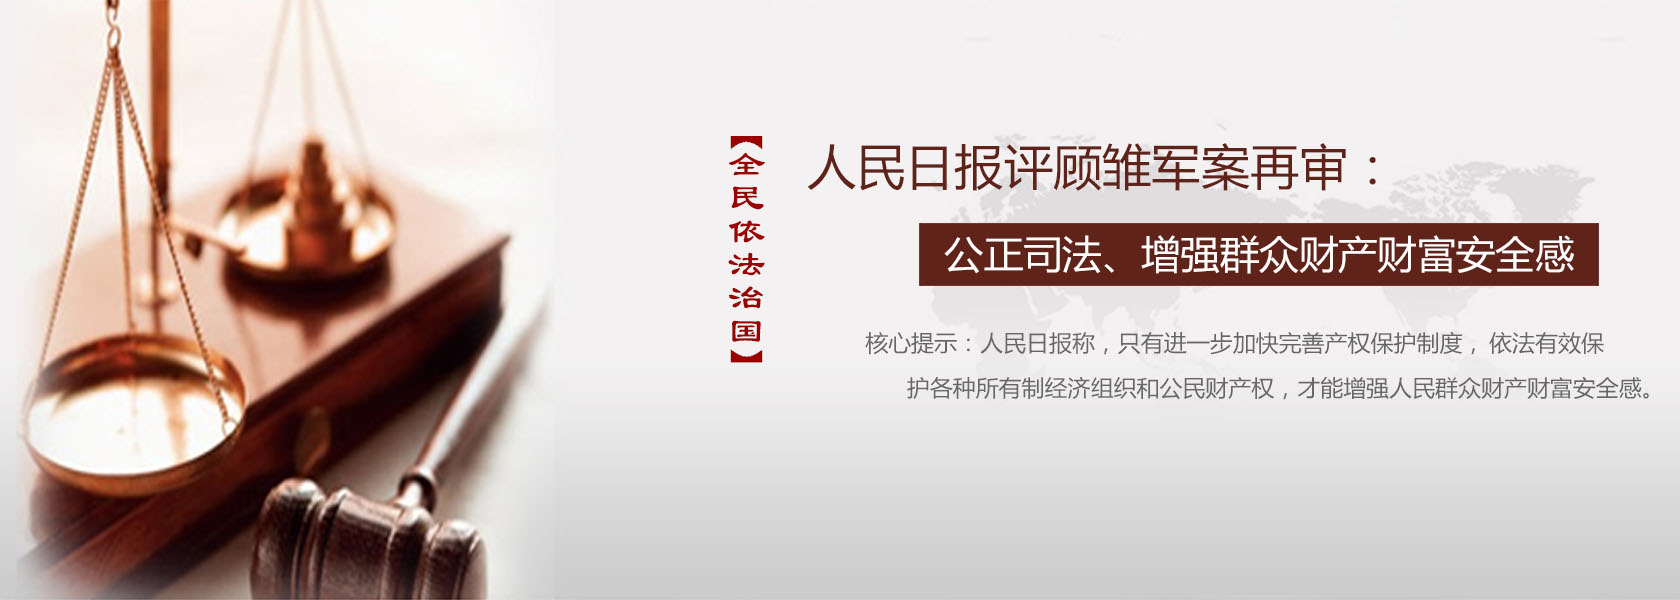 人民日报评顾雏军案再审:公正司法、增强群众财产财富安全感